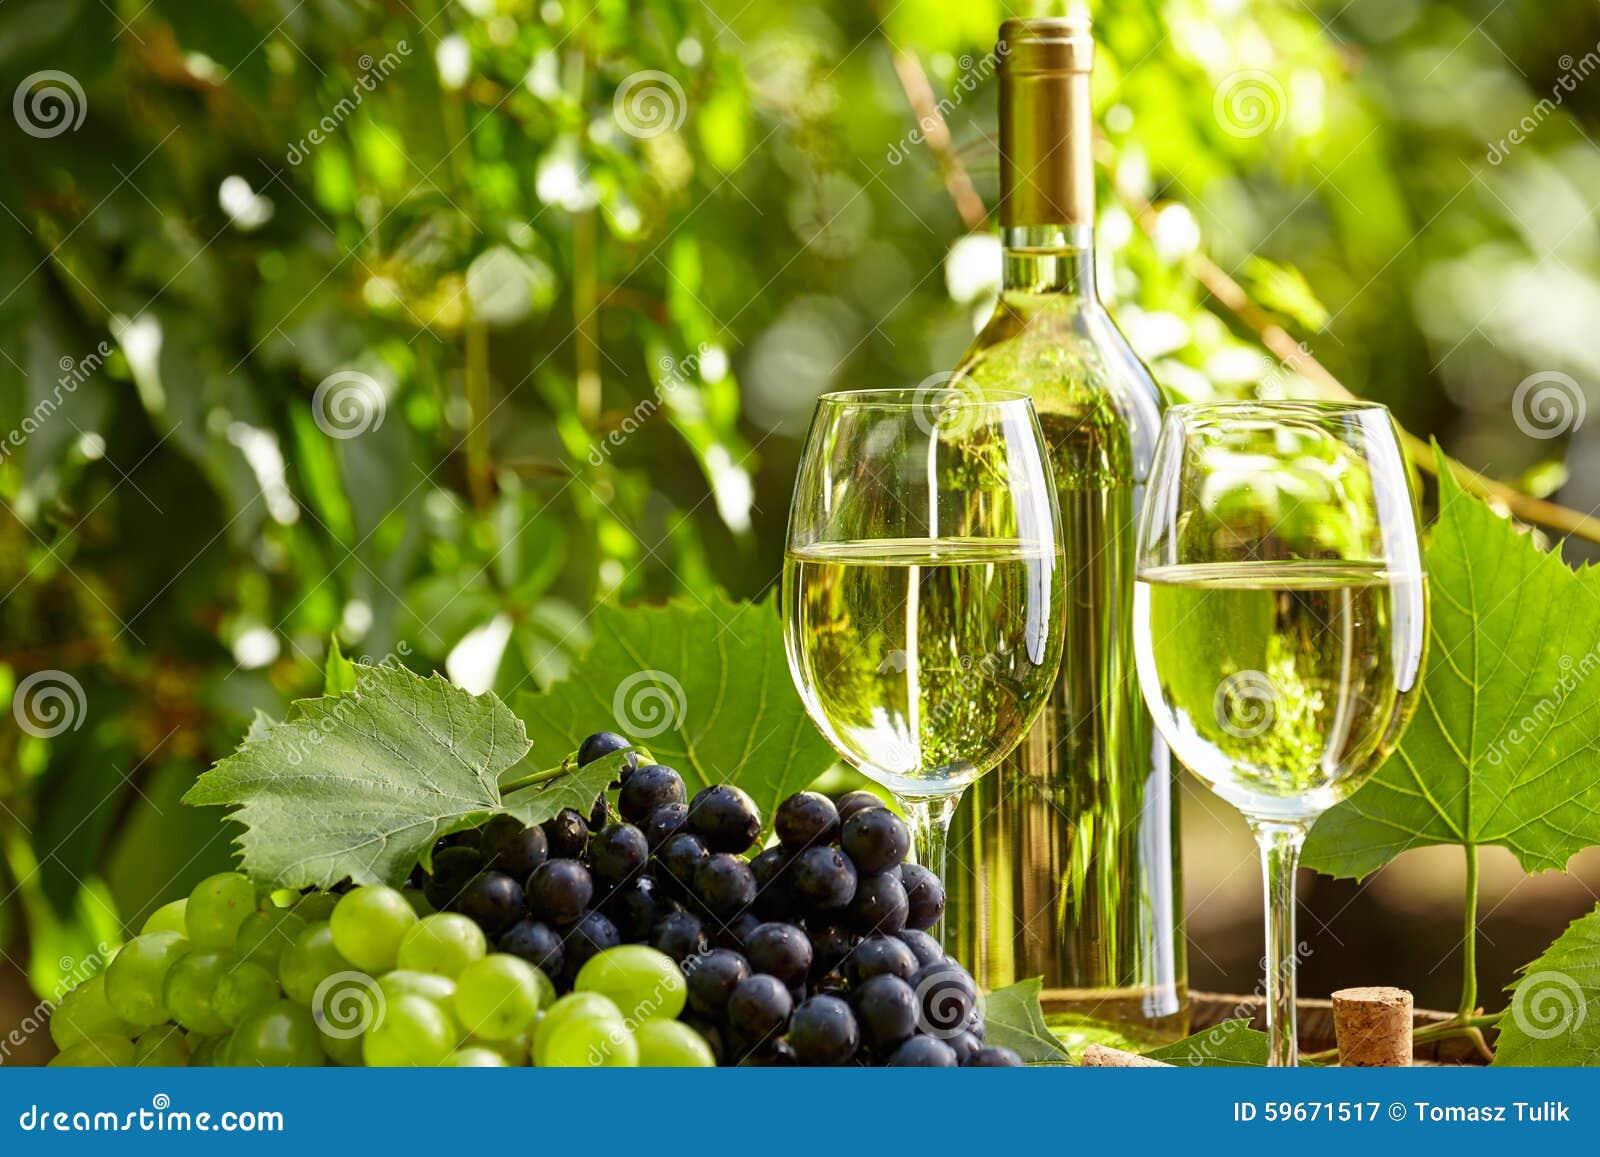 Vino bianco con il bicchiere di vino e l 39 uva sul terrazzo del giardino immagine stock immagine - Giardino sul terrazzo ...